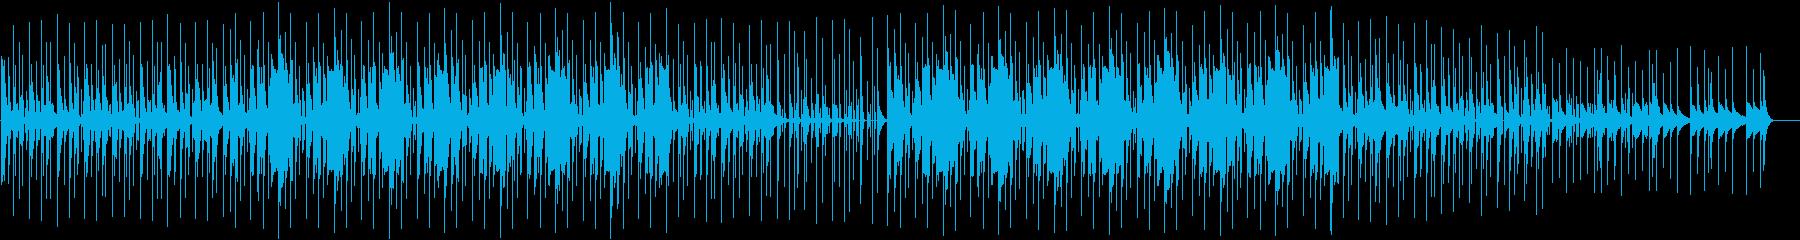 幻想的かつダンサブル、未来的でクールな曲の再生済みの波形